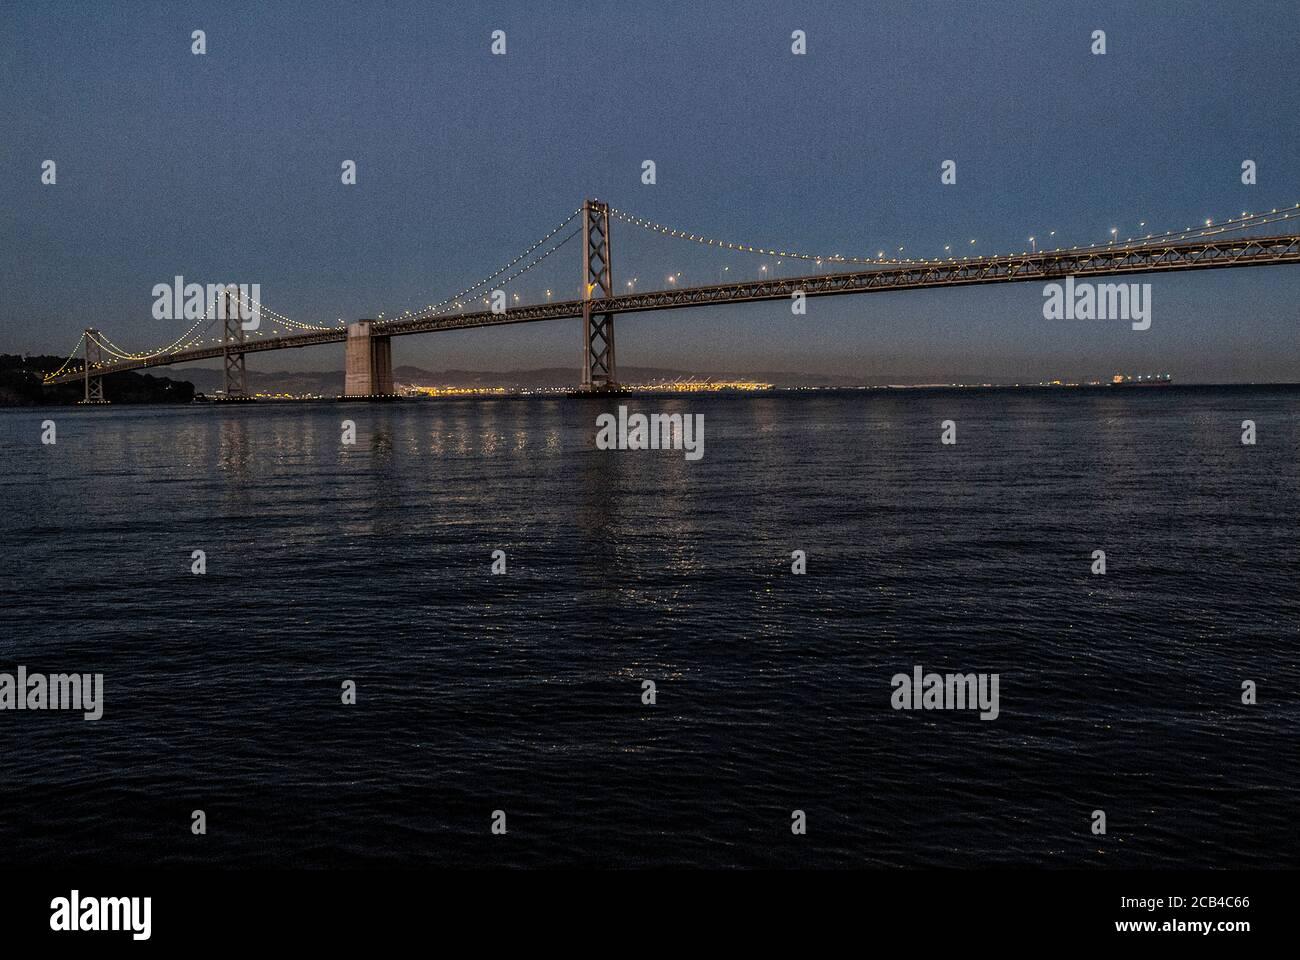 Vista del Puente de la Bahía, que conecta San Francisco con Oakland. Foto de stock